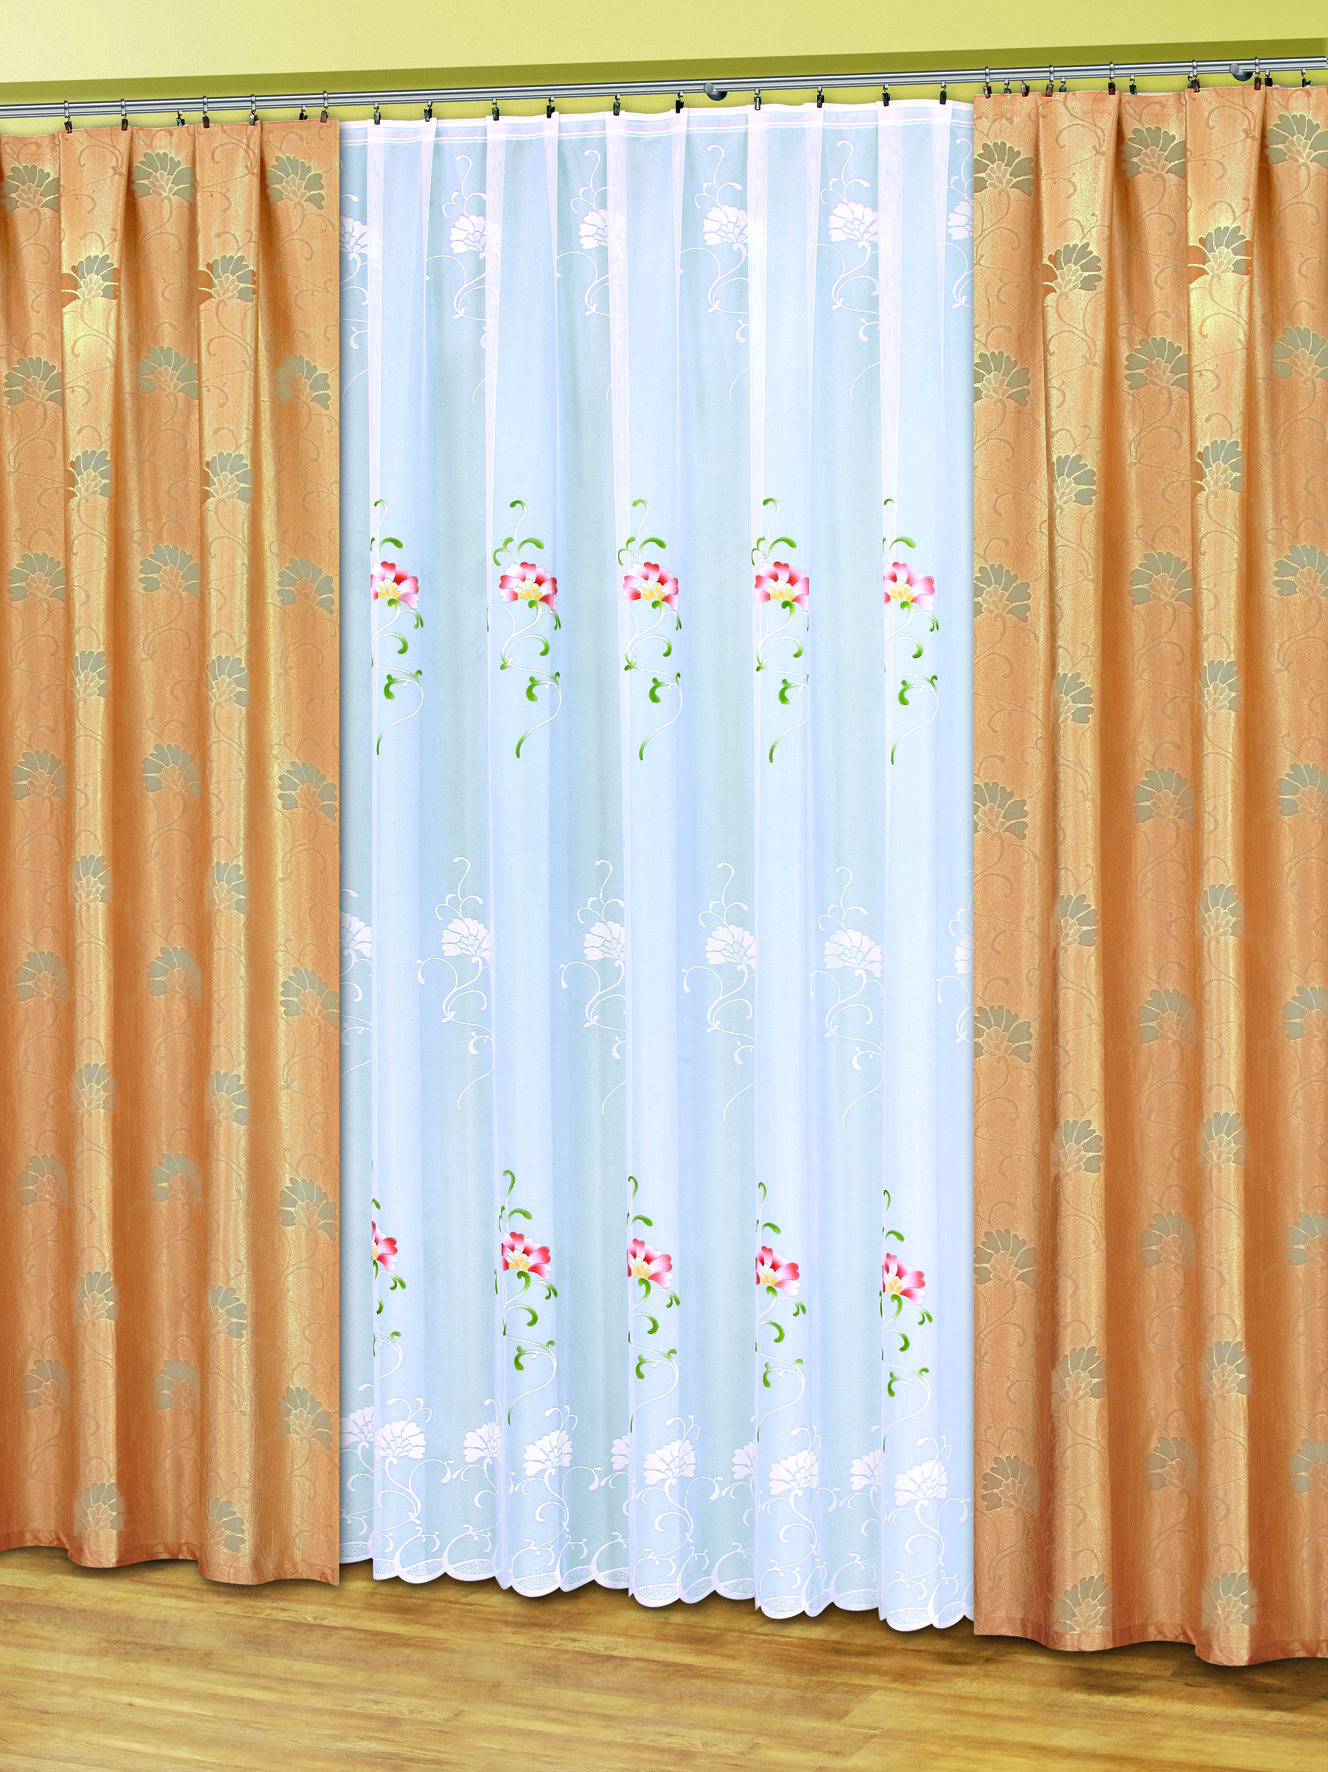 Комплект штор HAFT 250*500+145*250*2. 50080/250 капучино078WКомплект штор XAFT 250*500+145*250*2. 50080/250 капучиноМатериал: 100% п/э, размер: 250*500+145*250*2, цвет: капучино